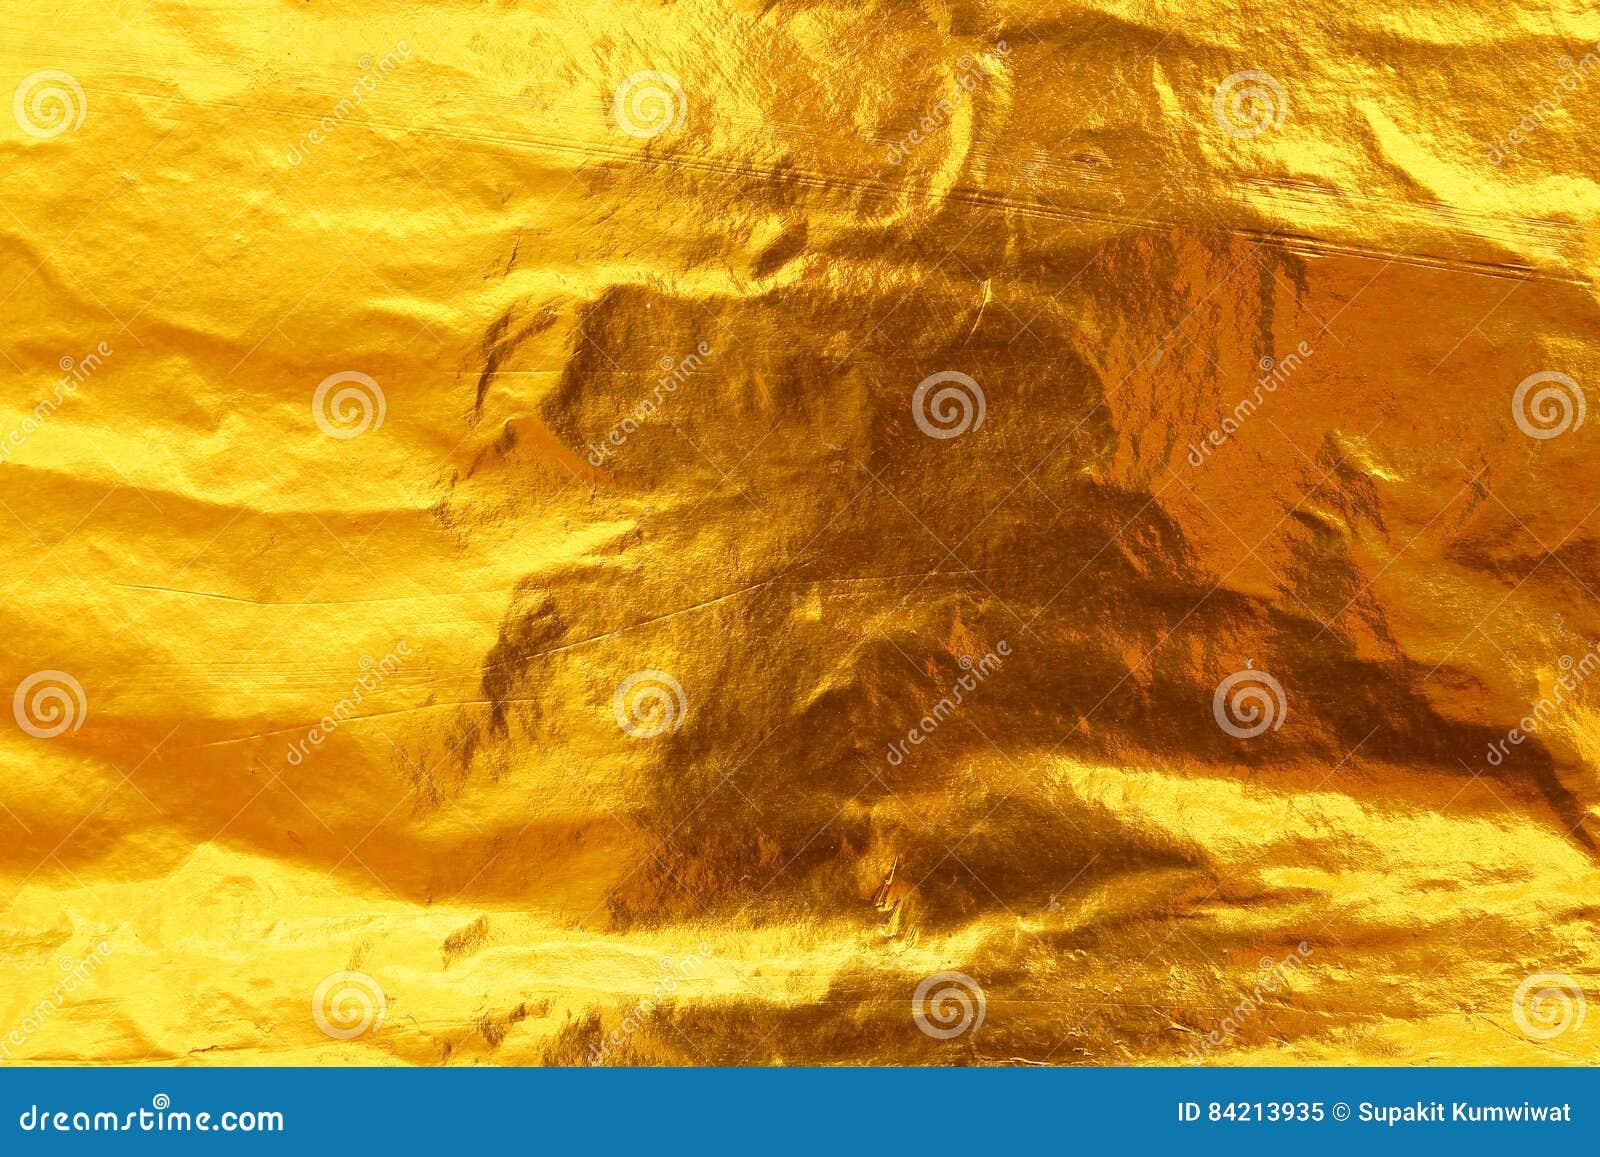 Bakgrund för textur för guld- folie för skinande gult blad mörk